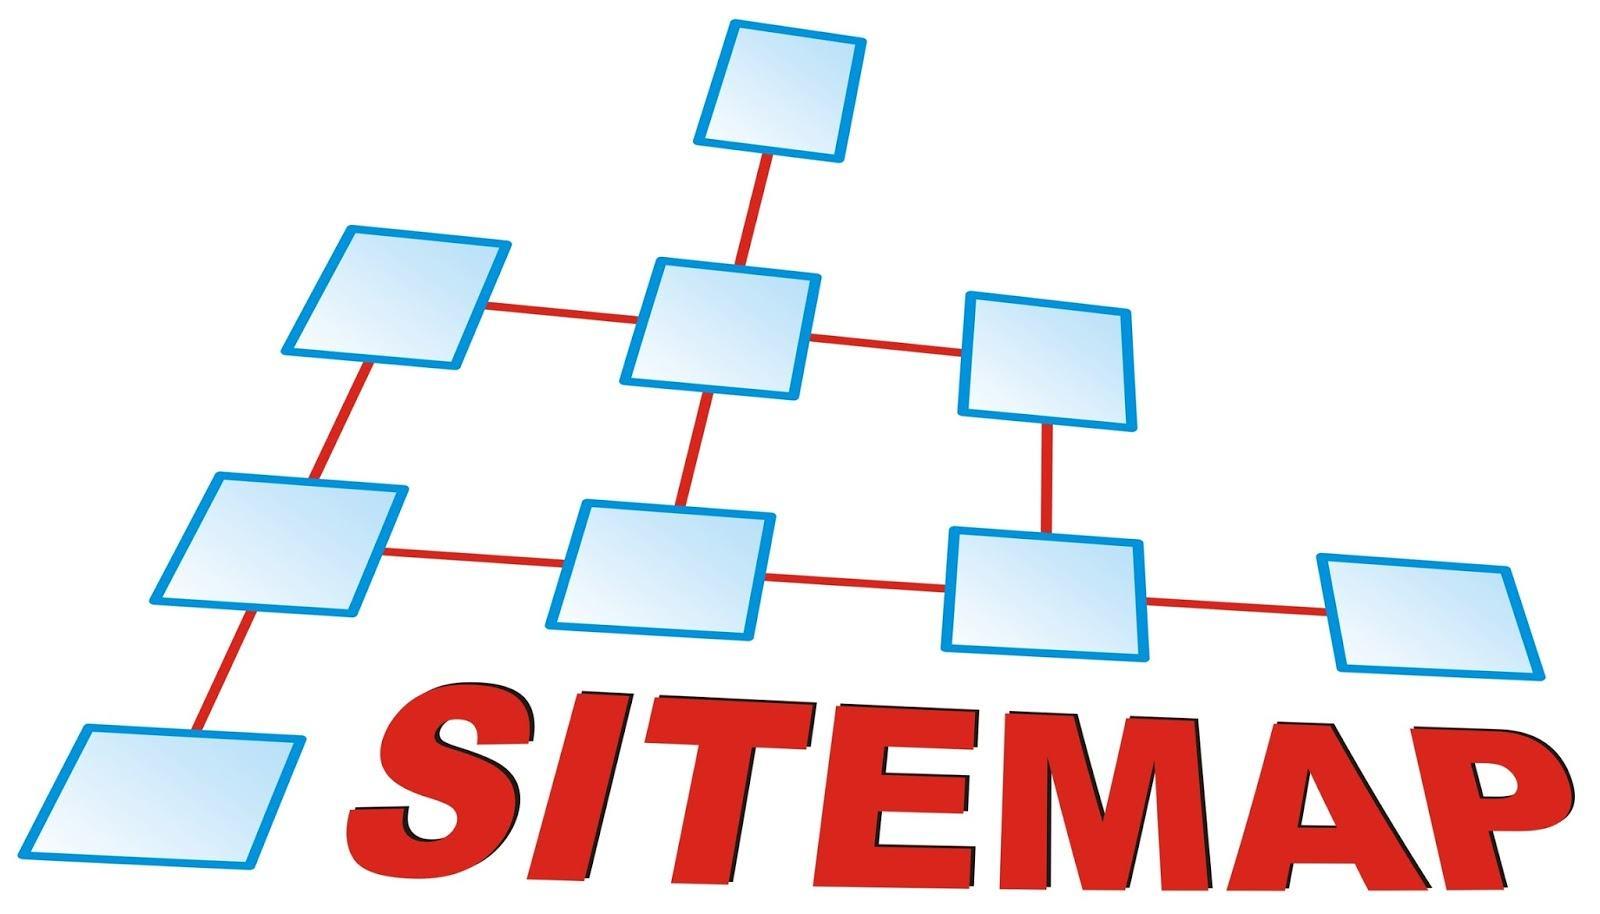 Hướng dẫn cách tạo sitemap cho website và những điều cần biết   ATPWeb.vn -  Khởi tạo ngôi nhà Online.